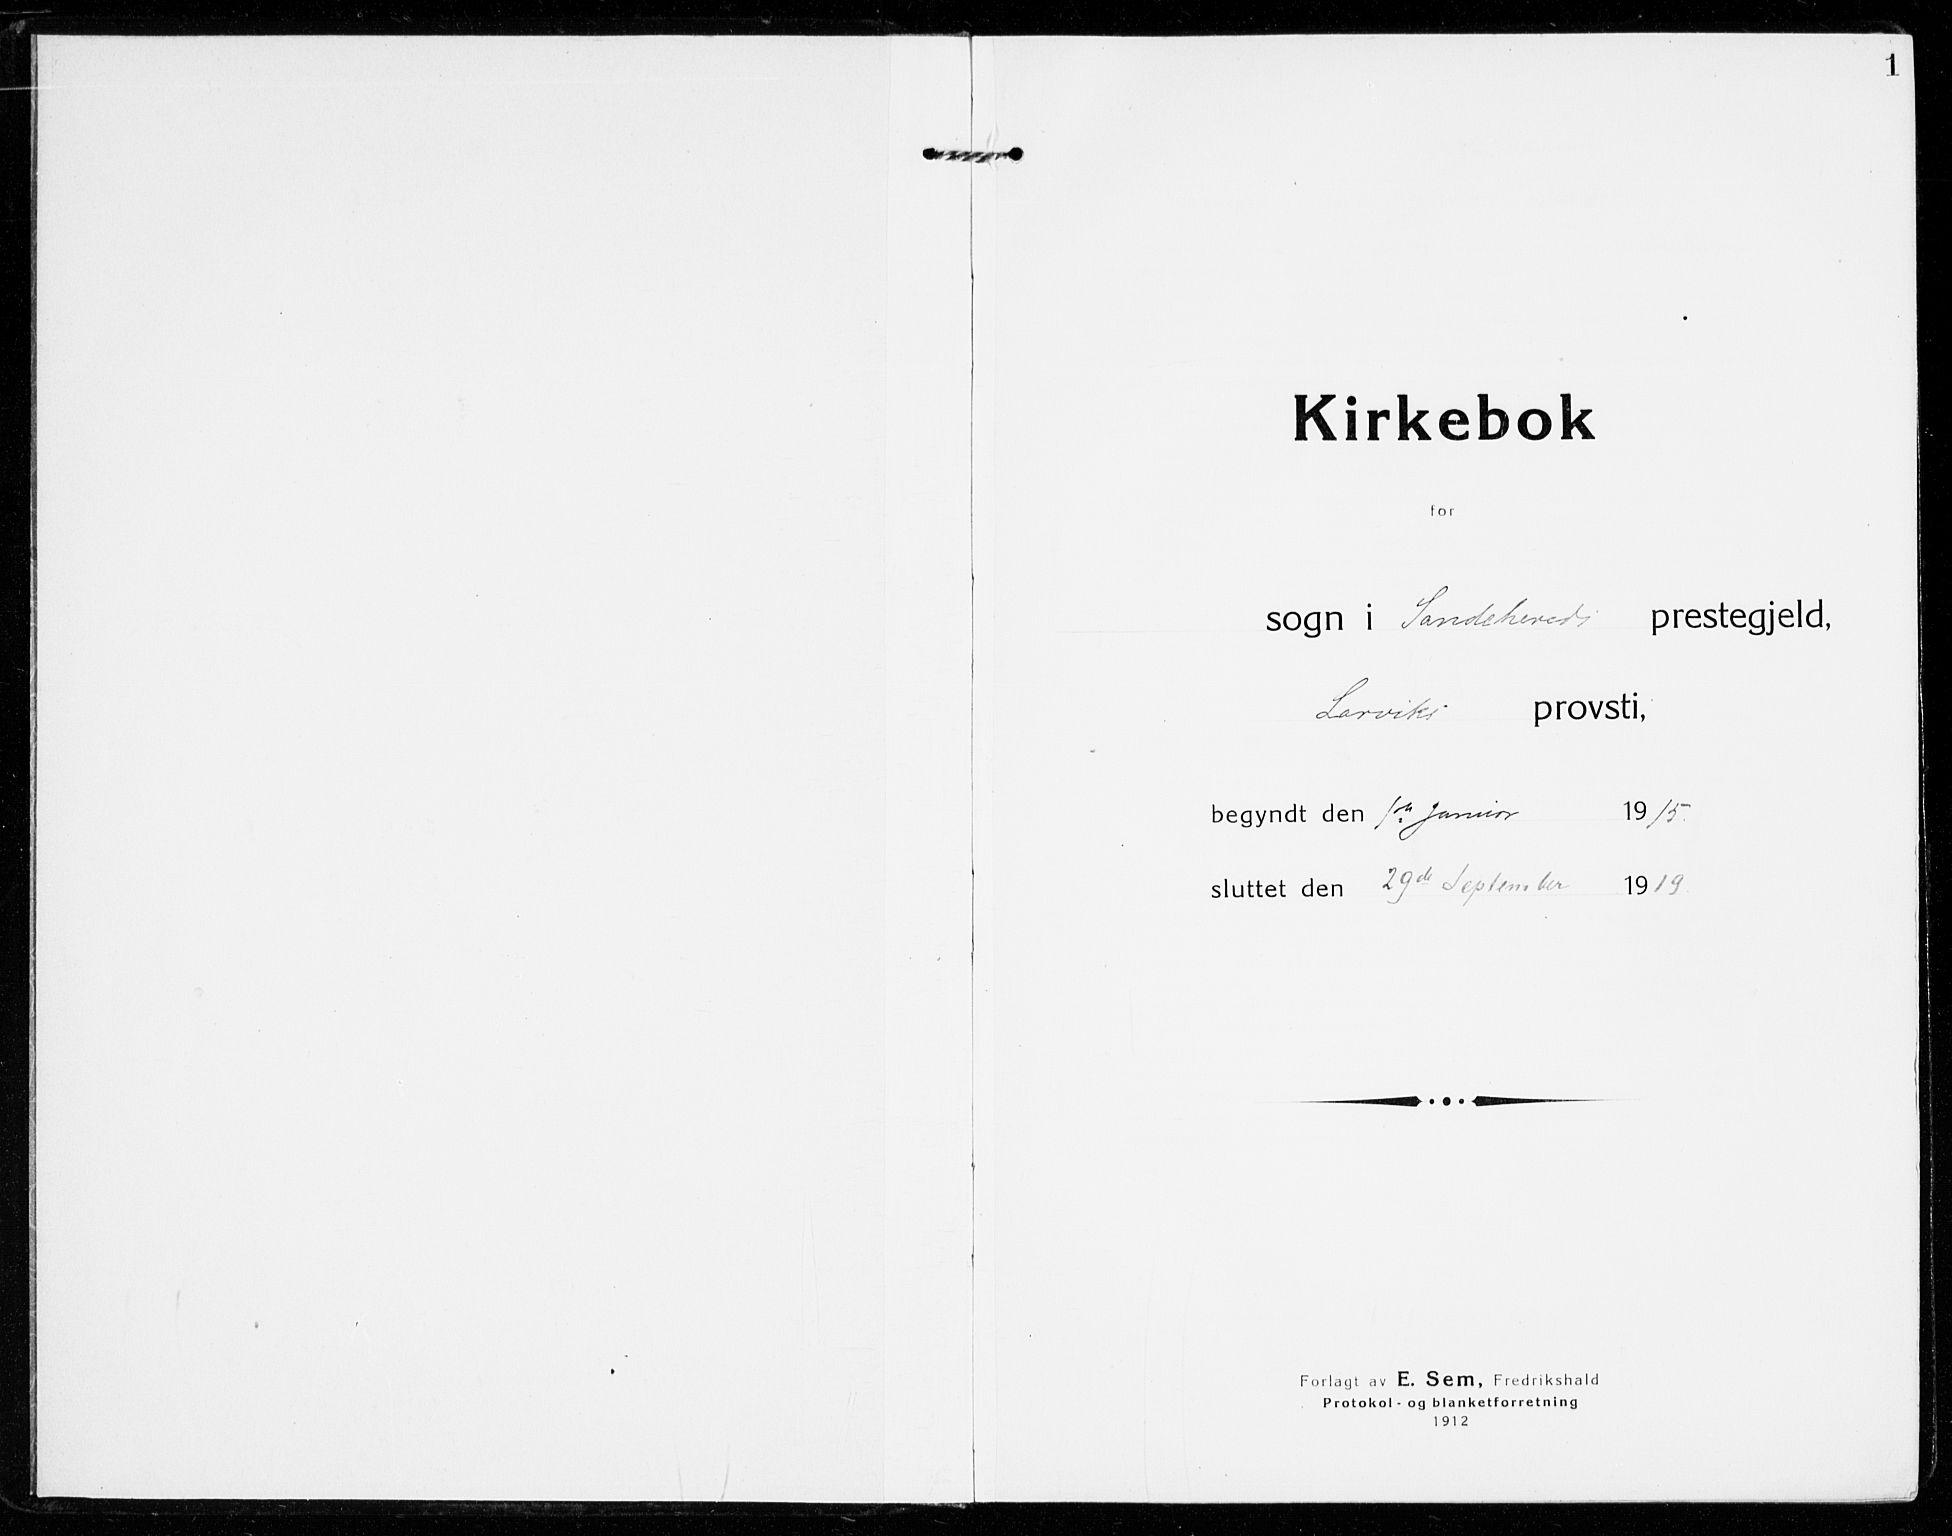 SAKO, Sandar kirkebøker, F/Fa/L0020: Ministerialbok nr. 20, 1915-1919, s. 1